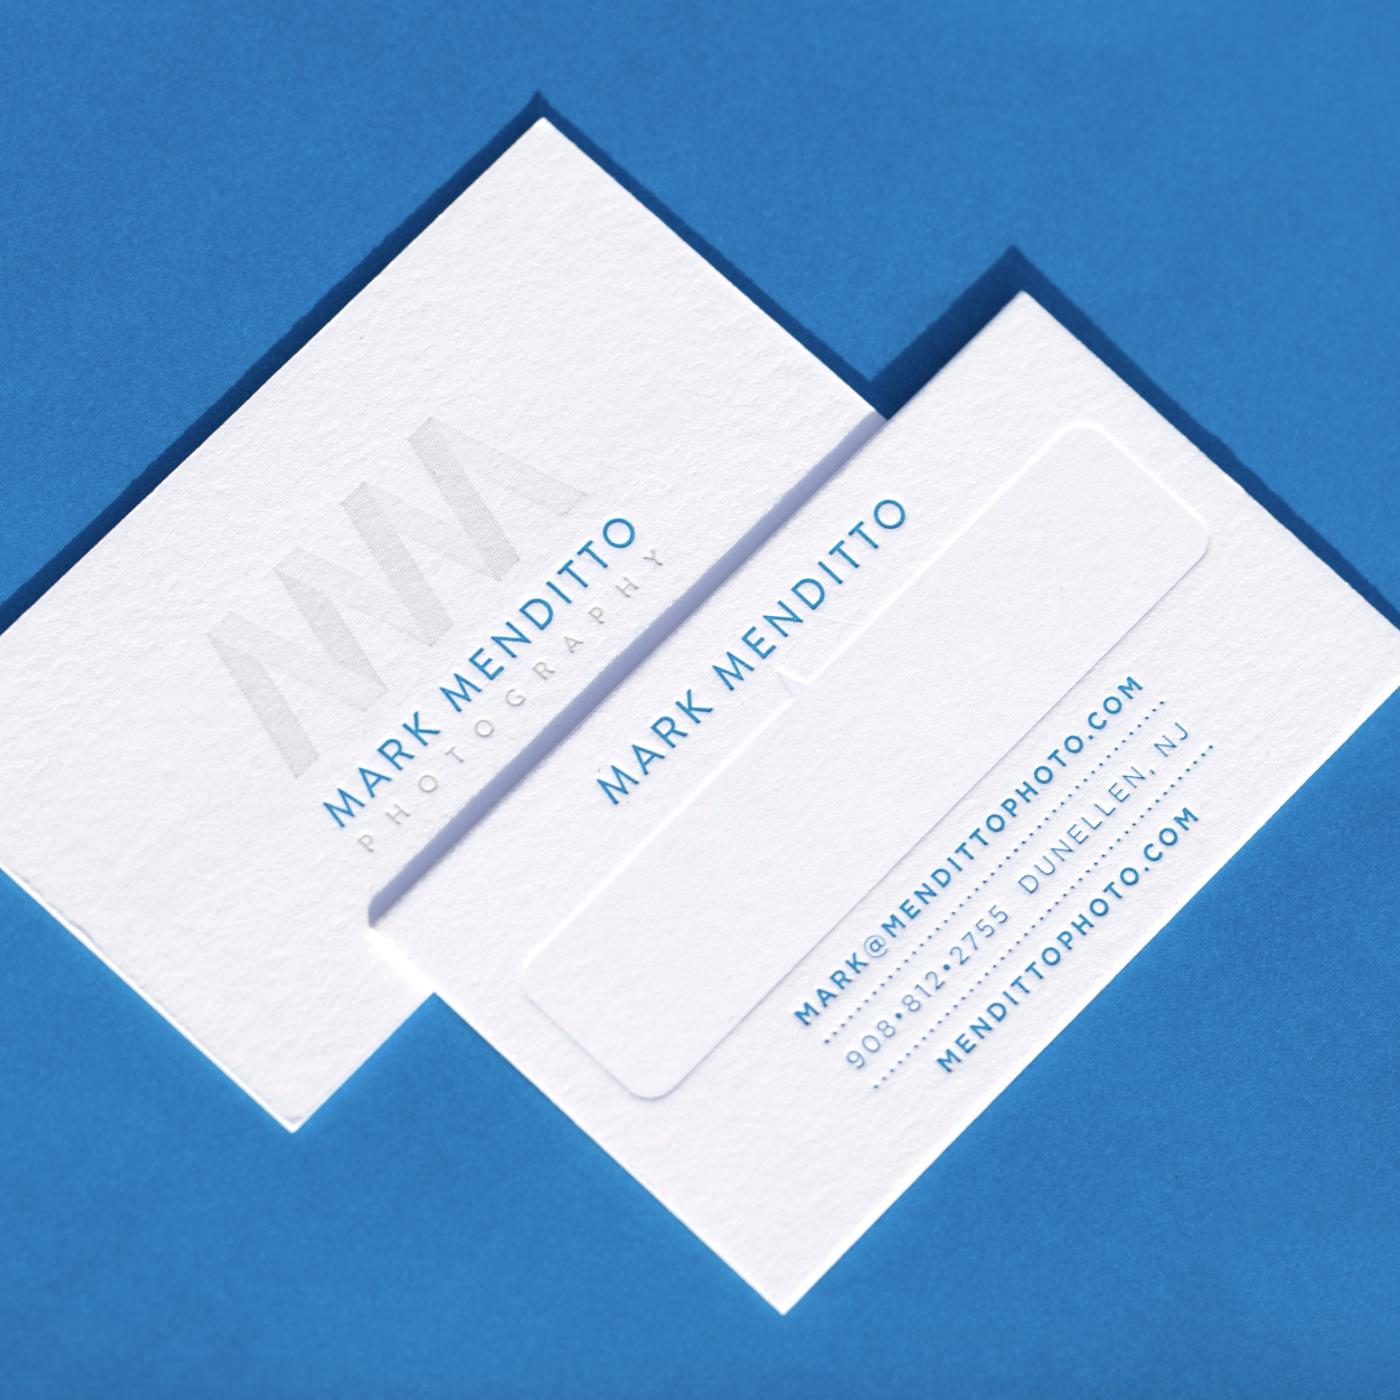 Design: A New Mark for Mark Menditto